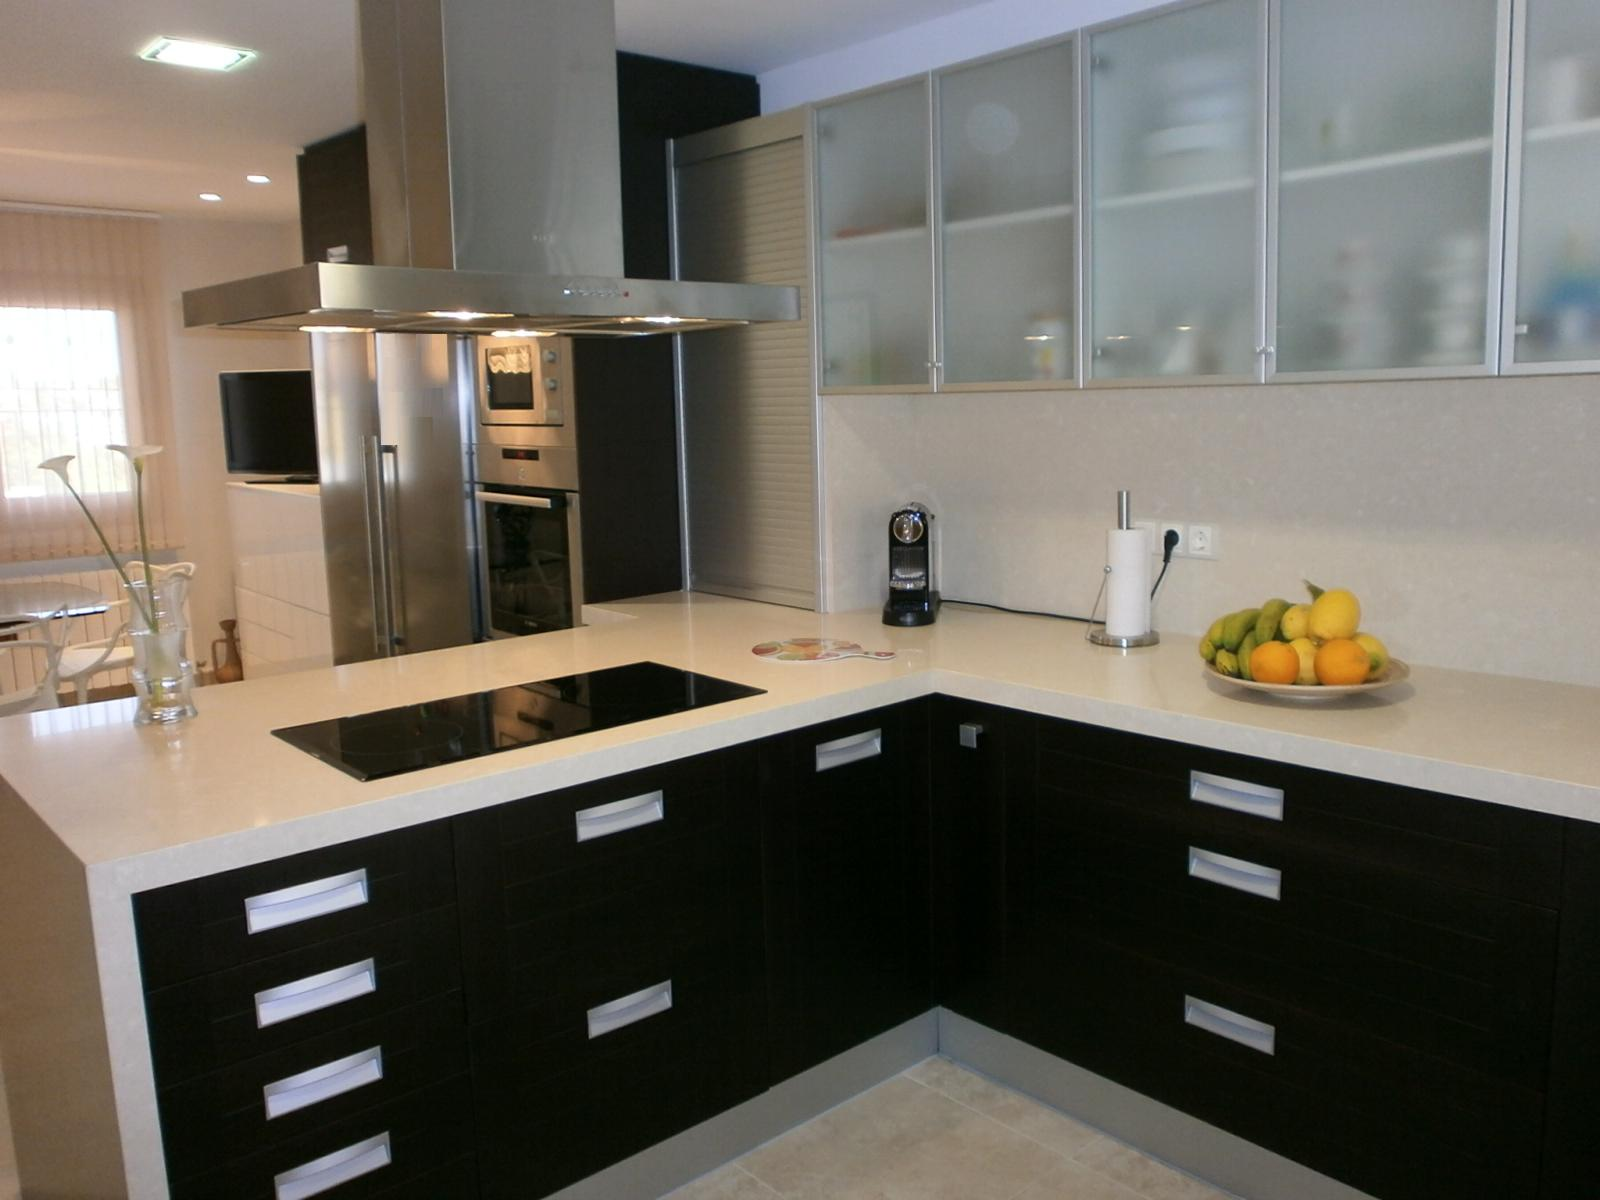 el wengu y la madera oscura en la cocina cocinas con estilo